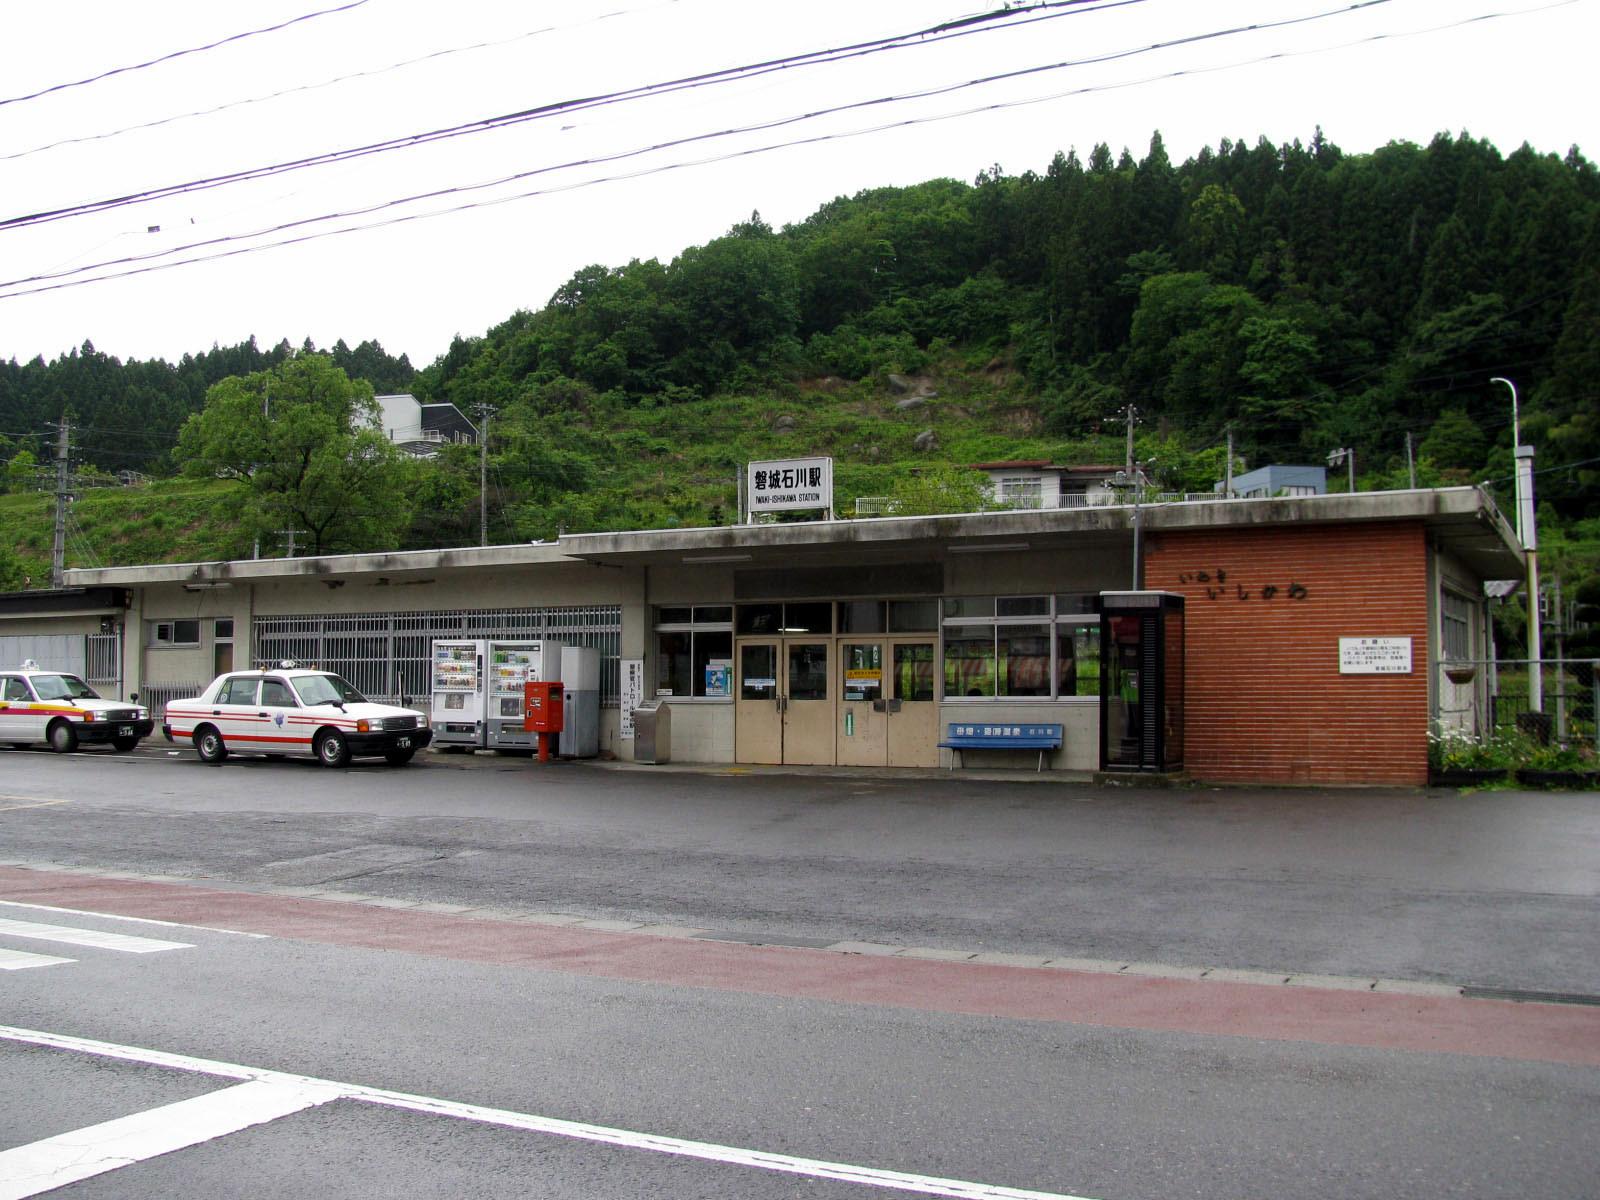 https://upload.wikimedia.org/wikipedia/commons/1/15/JR_Iwaki_Ishikawa_sta_001.jpg